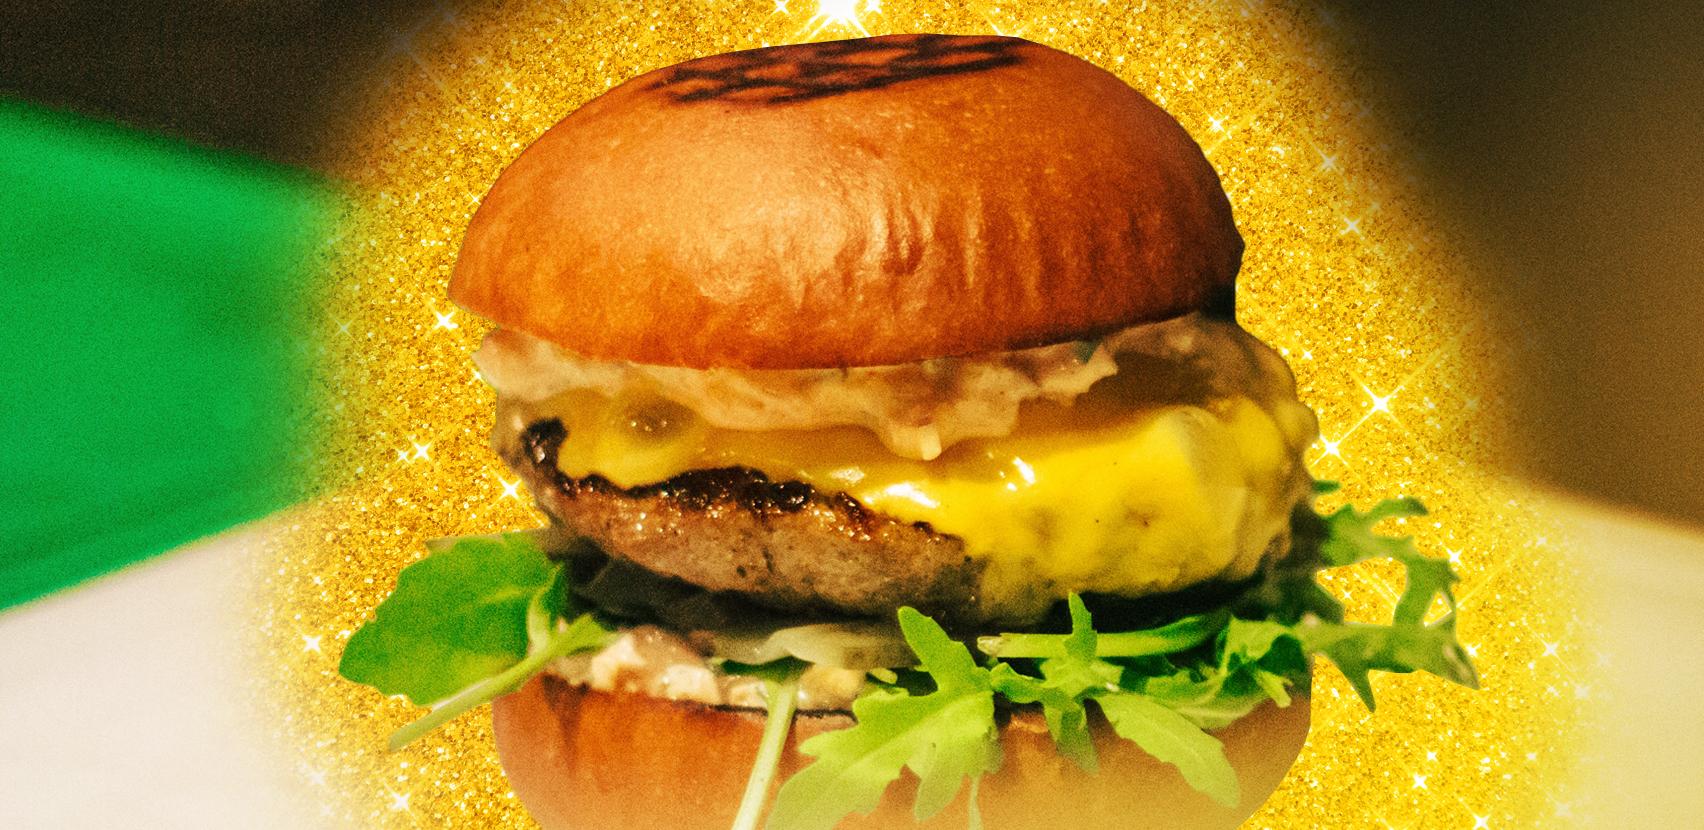 Il modo giusto per mangiare l'hamburger è solo uno. E non è quello che pensavamo